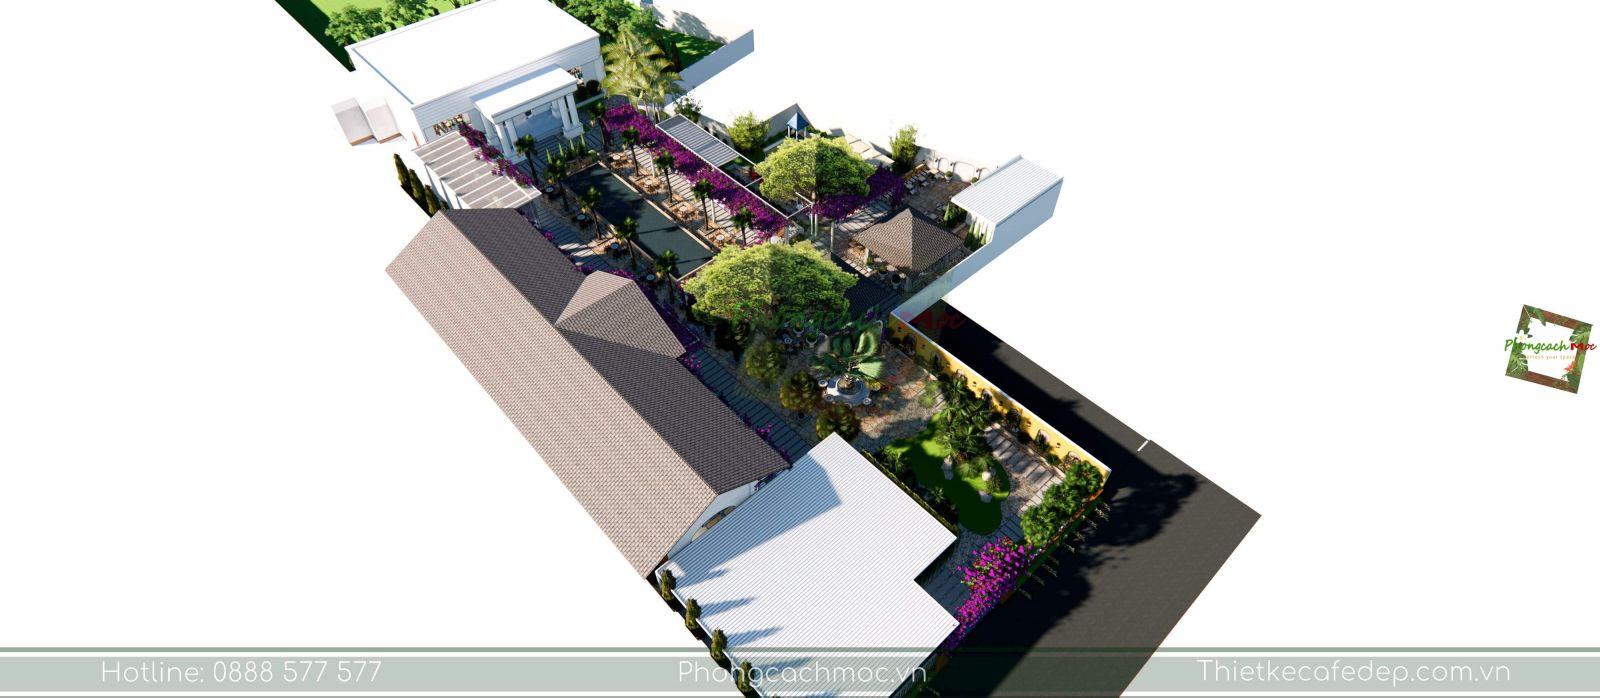 layout thiết kế quán cafe không gian sân vườn